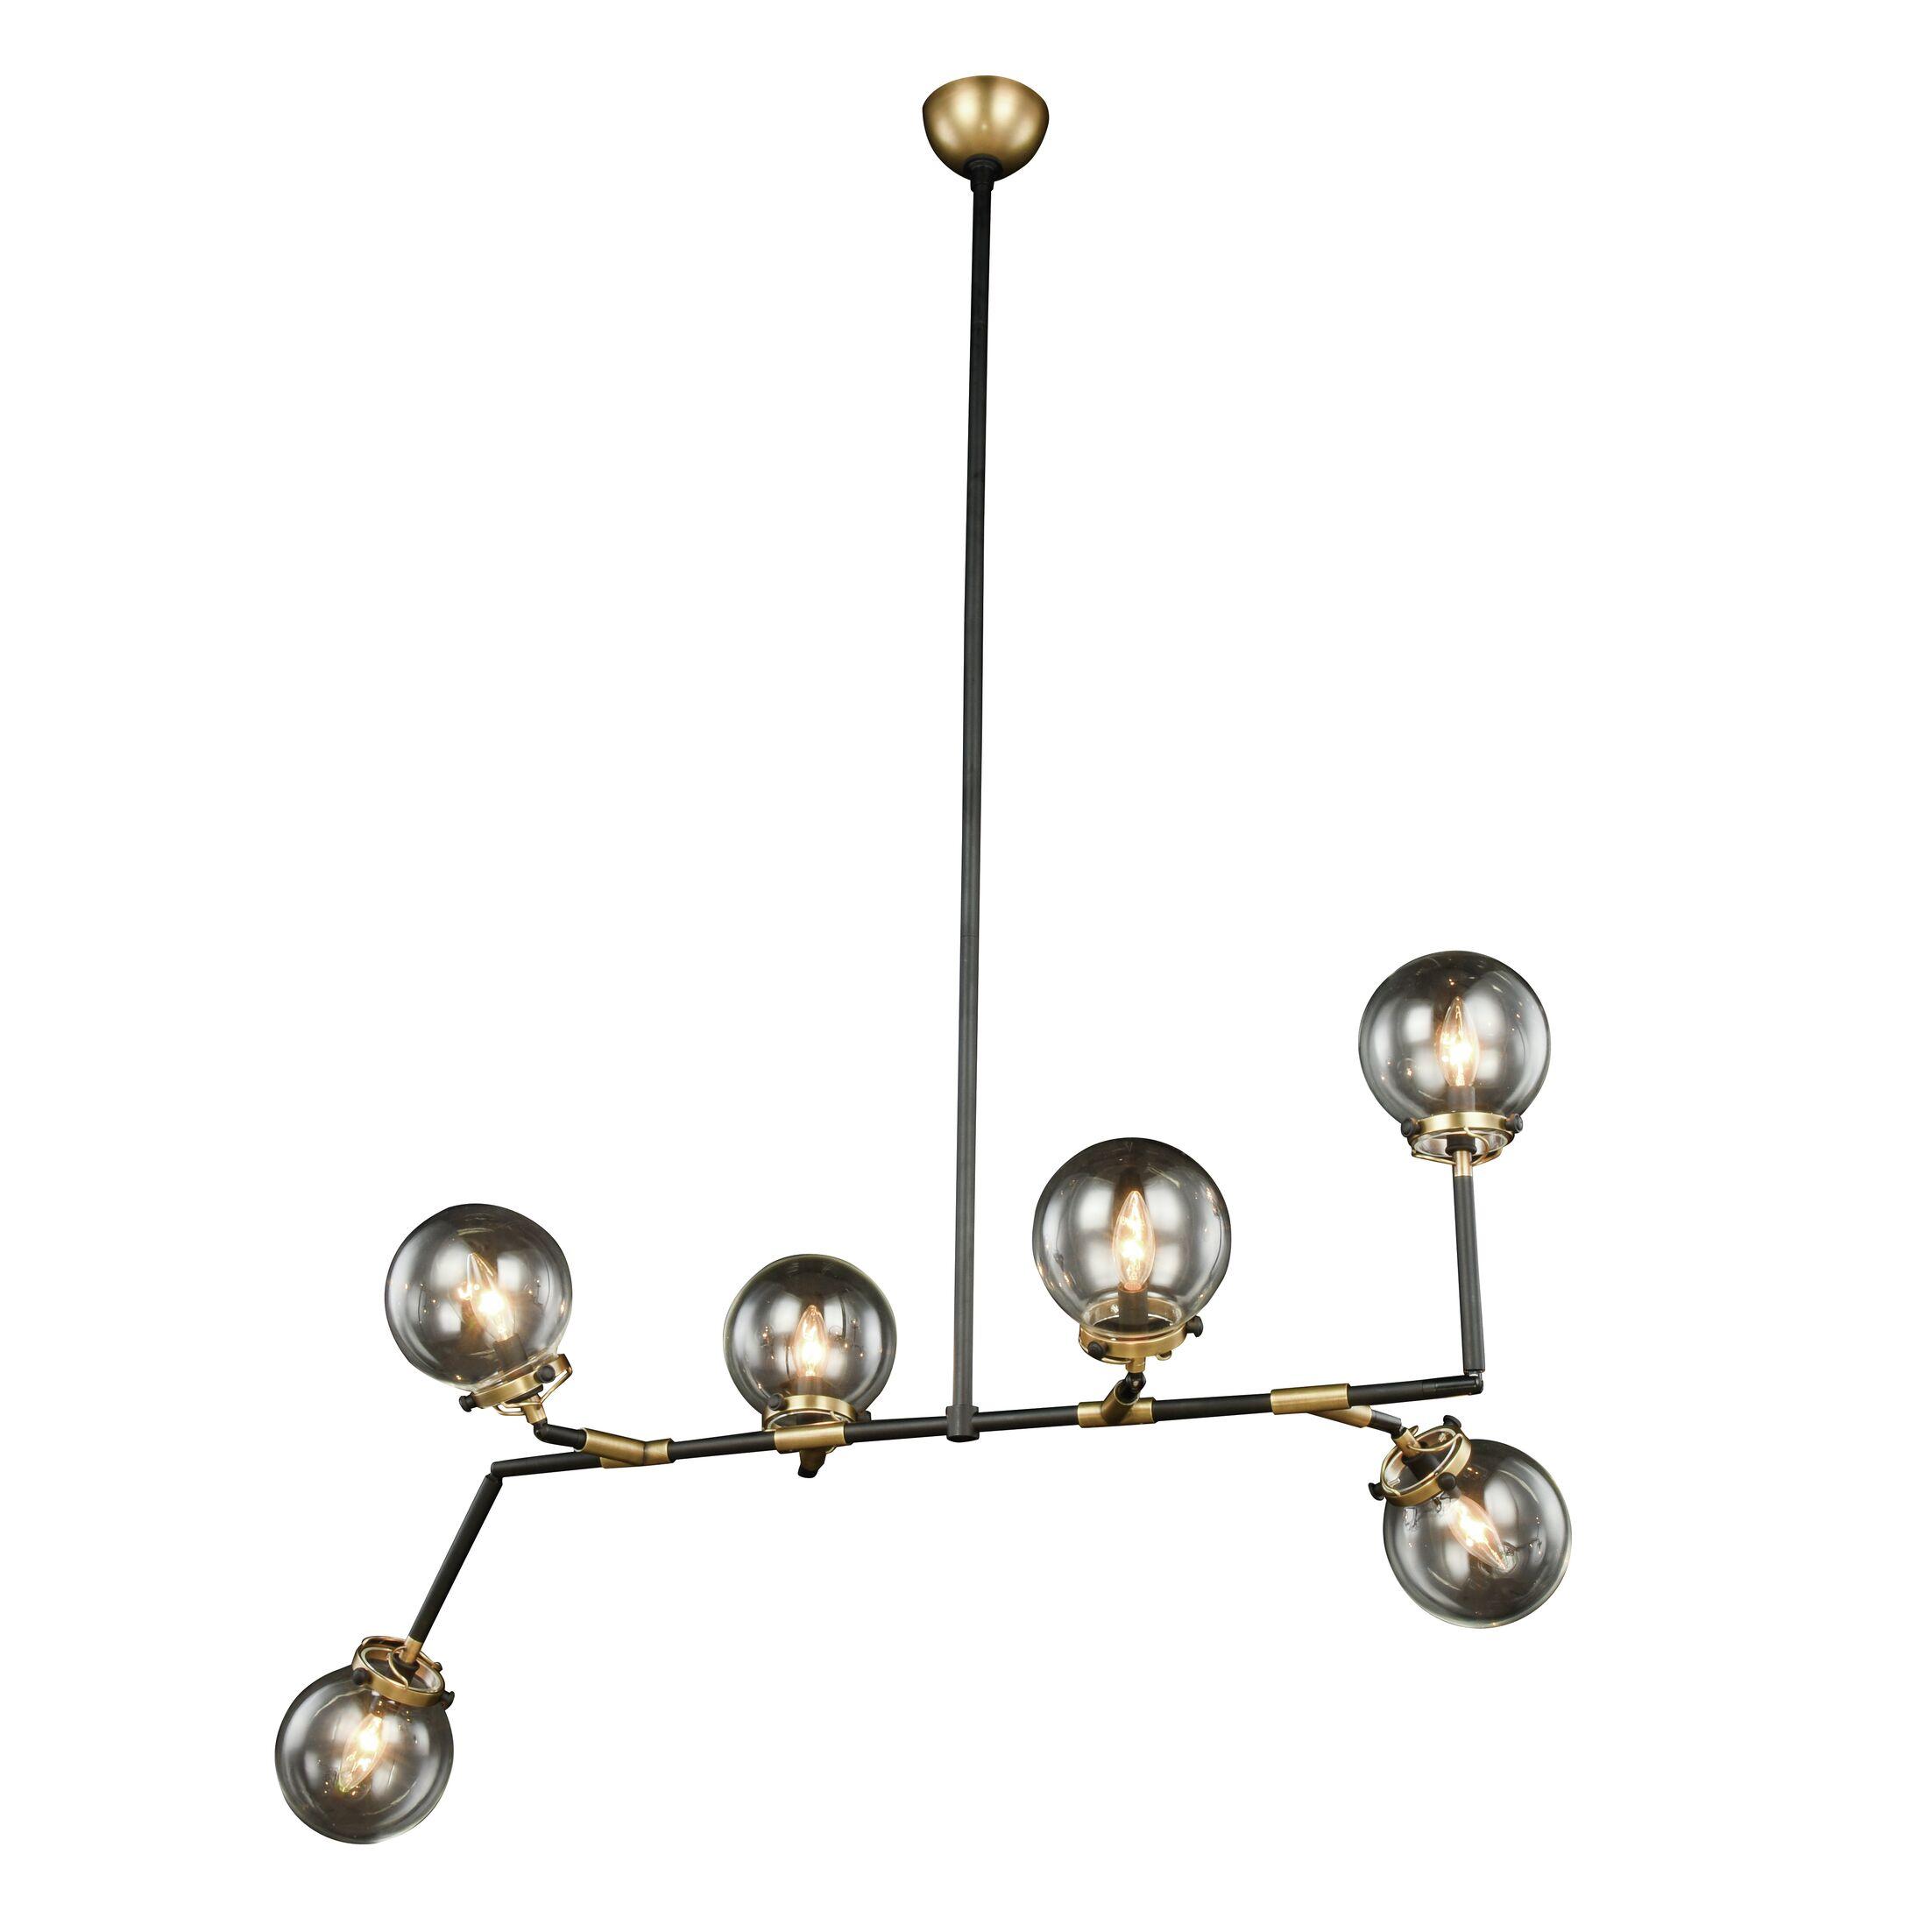 Roman 6-Light Sputnik Chandelier